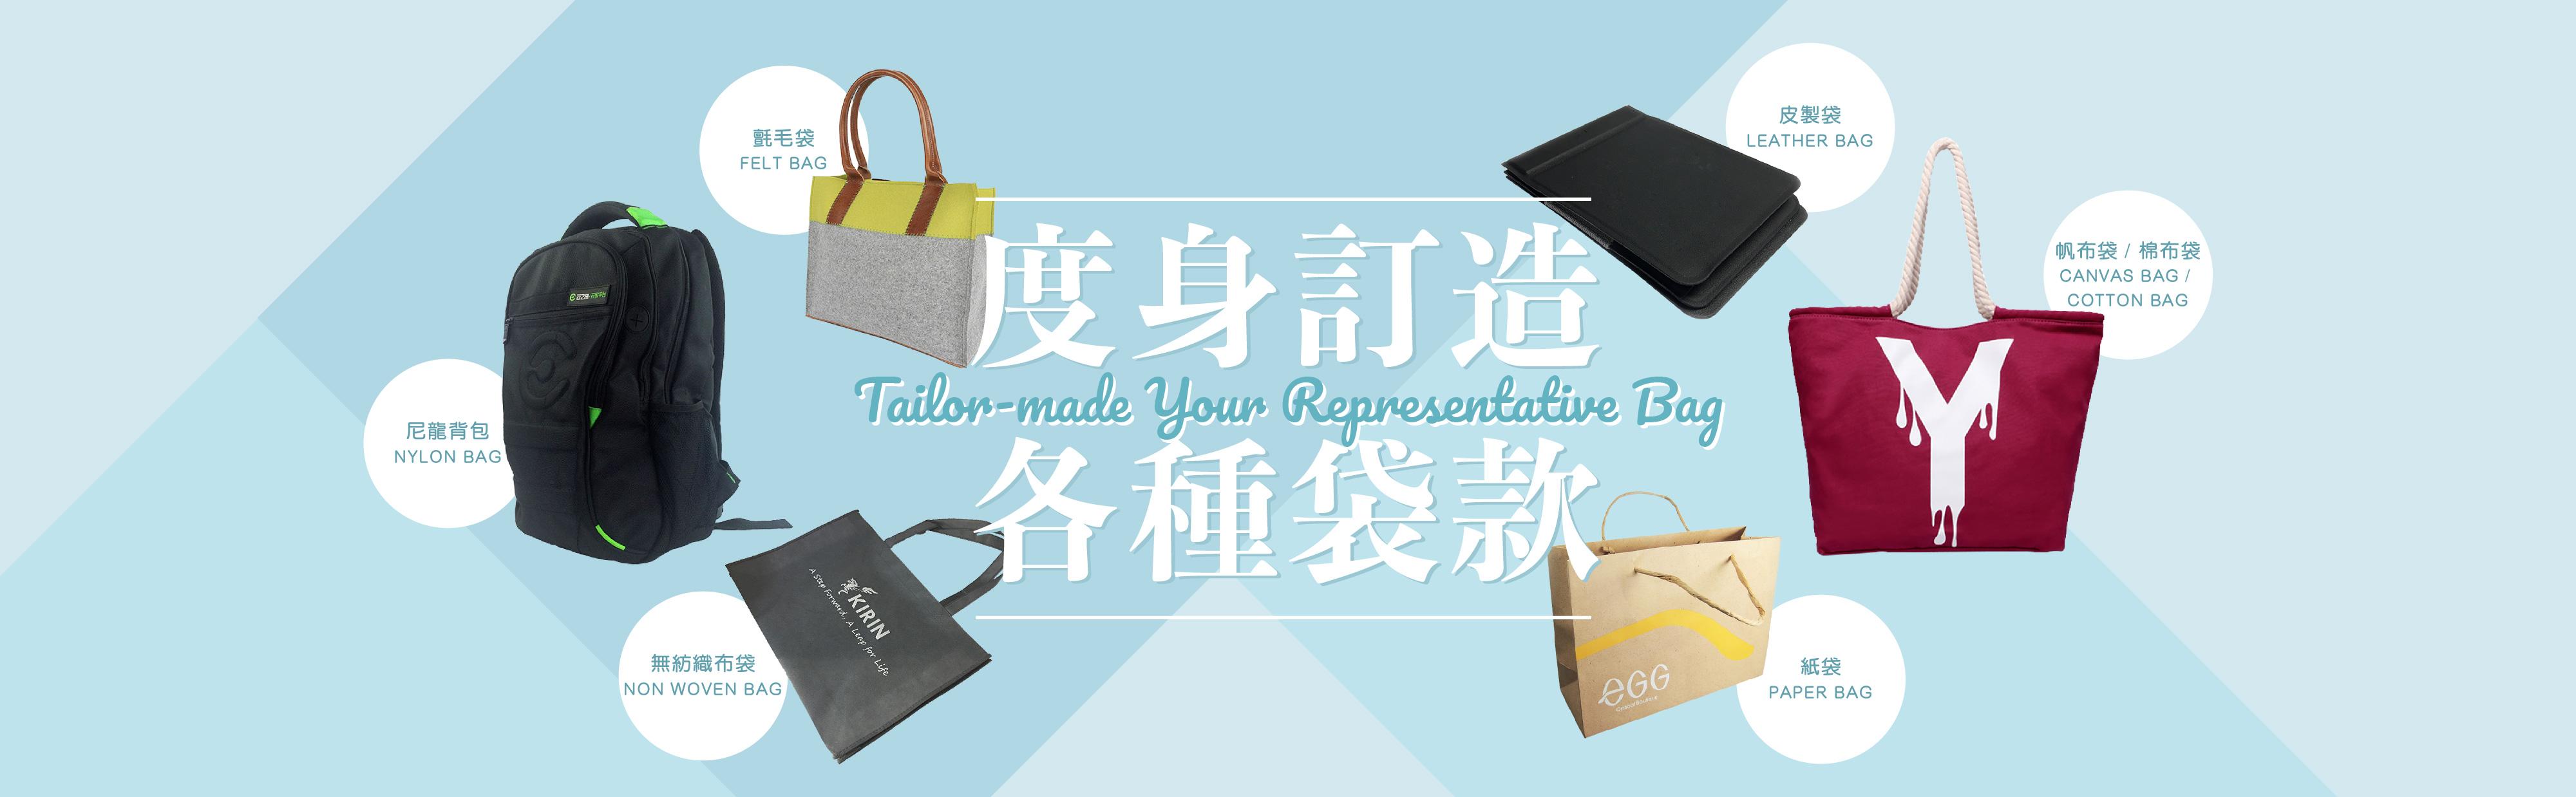 Bag banner_20180129-01